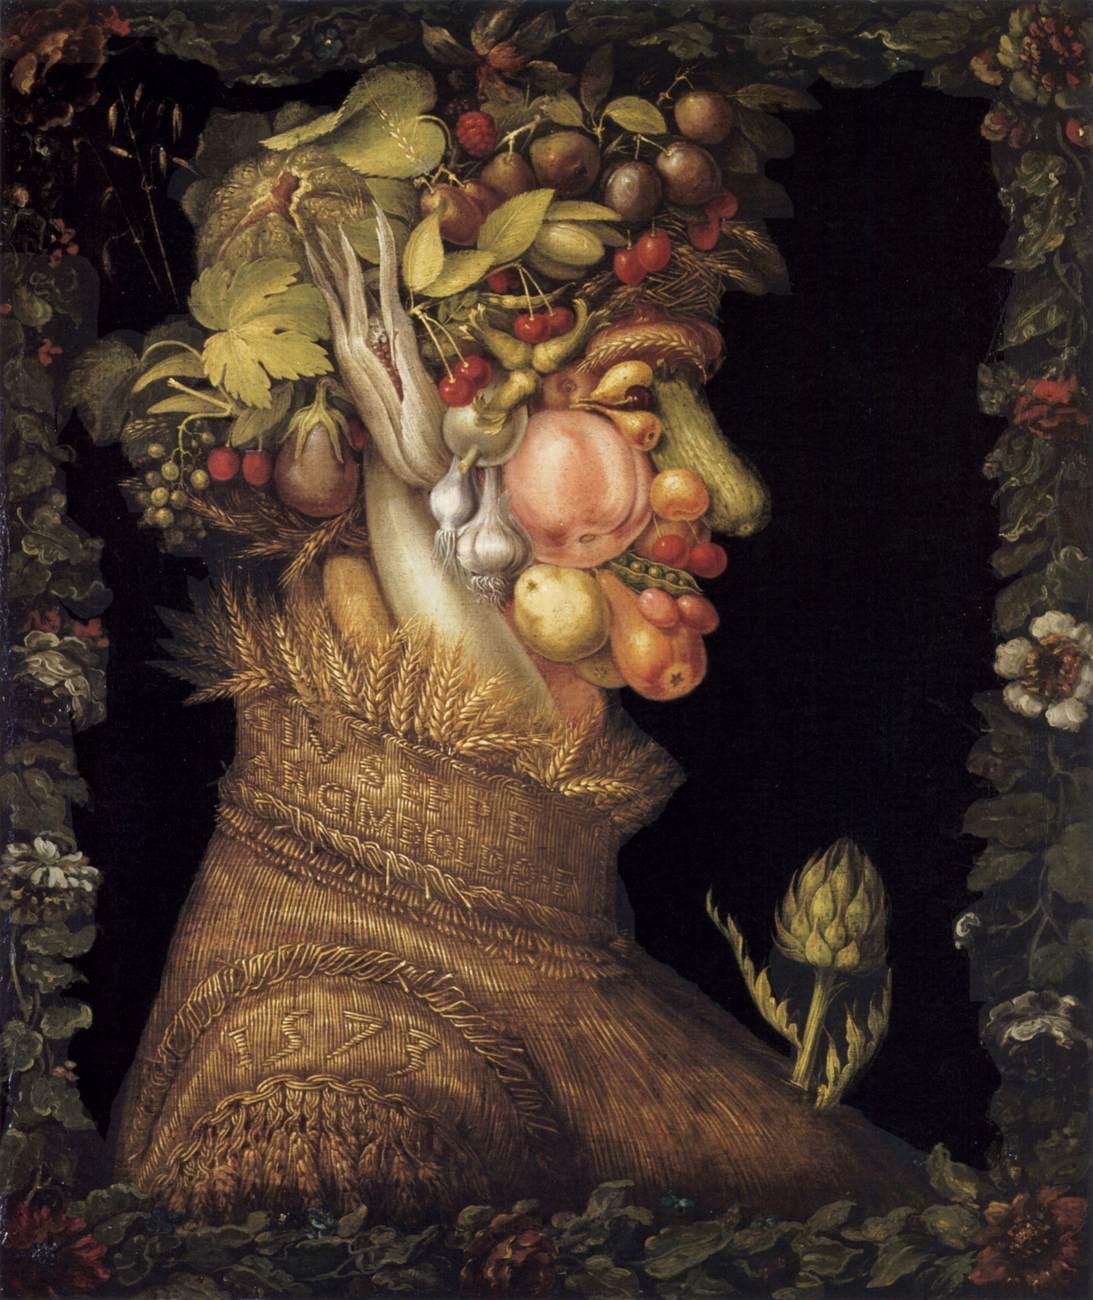 лето времена года джузеппе арчимбольдо фрукты овощи как рисовать портрет натюрморт арт-студия на ваське в.о. петербург детские группы пленеры вебинары